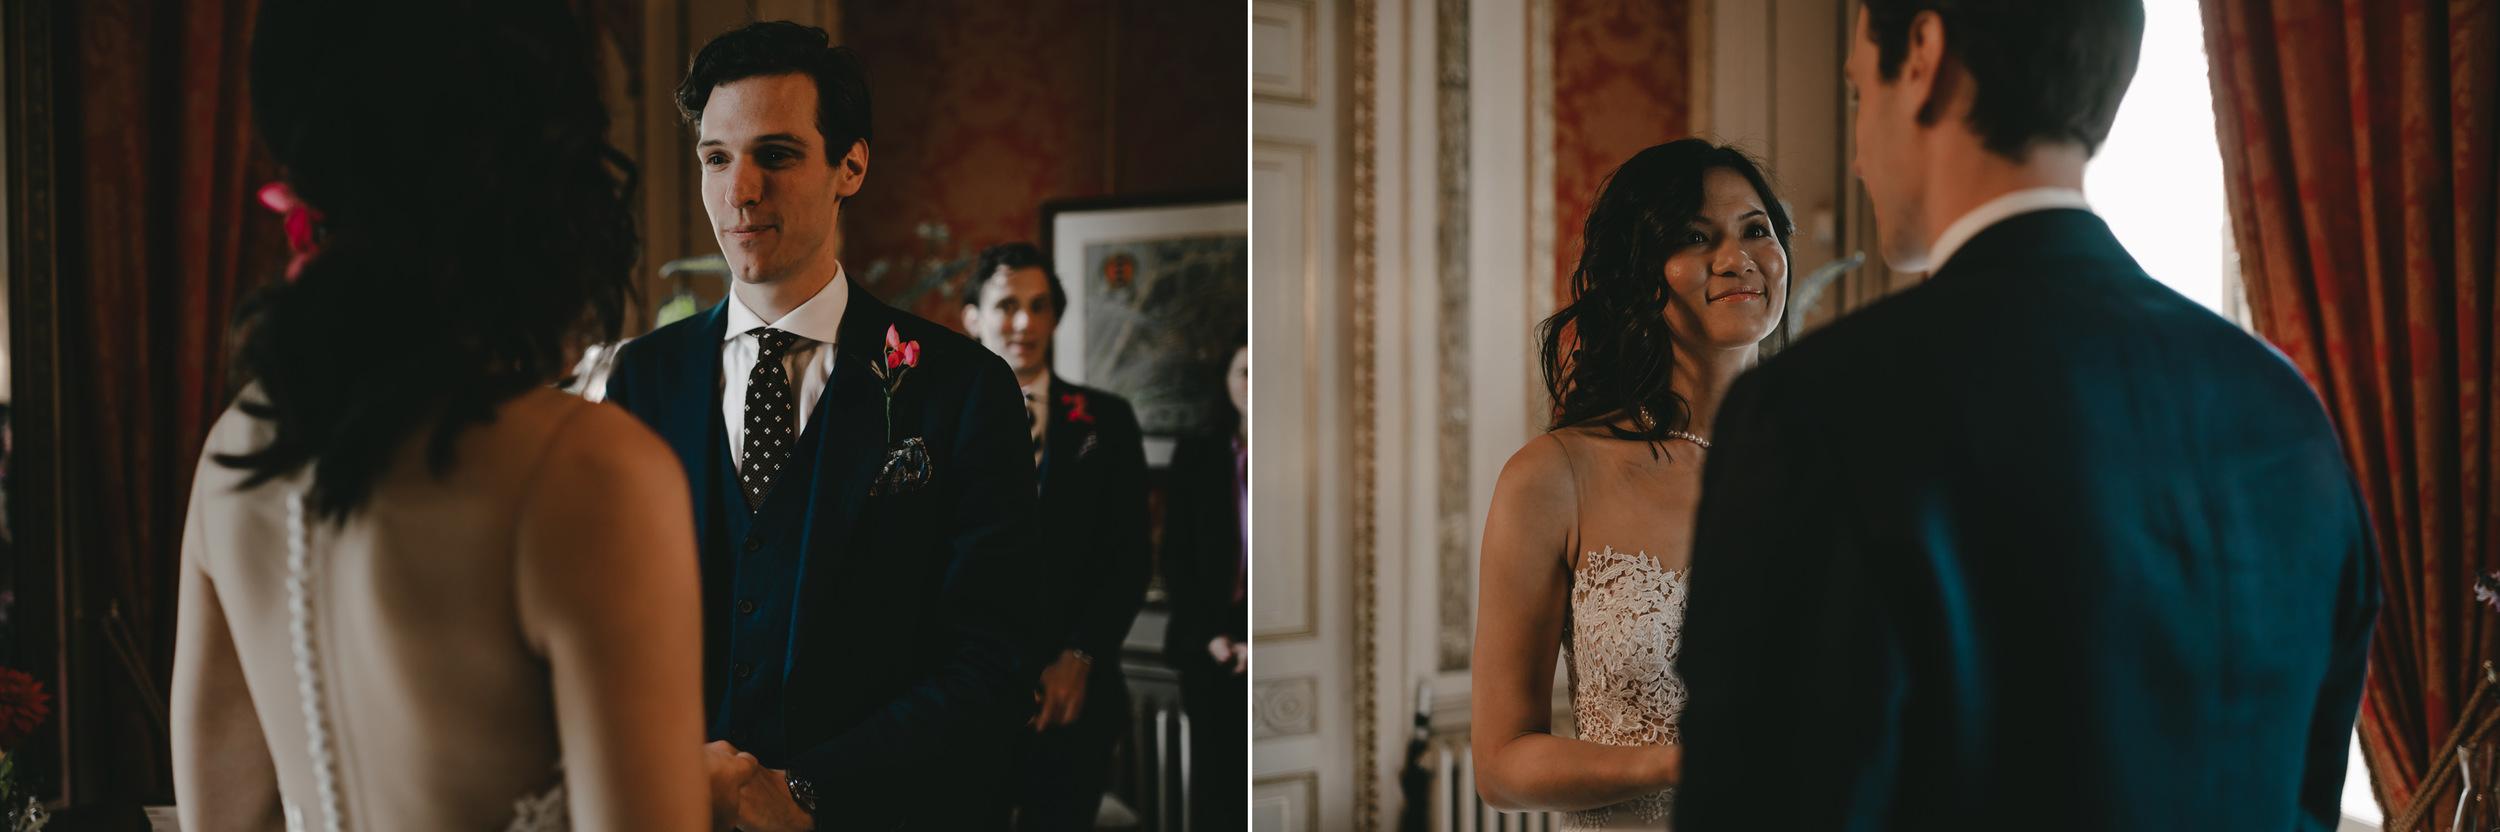 bruidsfotograaf amsterdam ceremonie het grachtenhuis